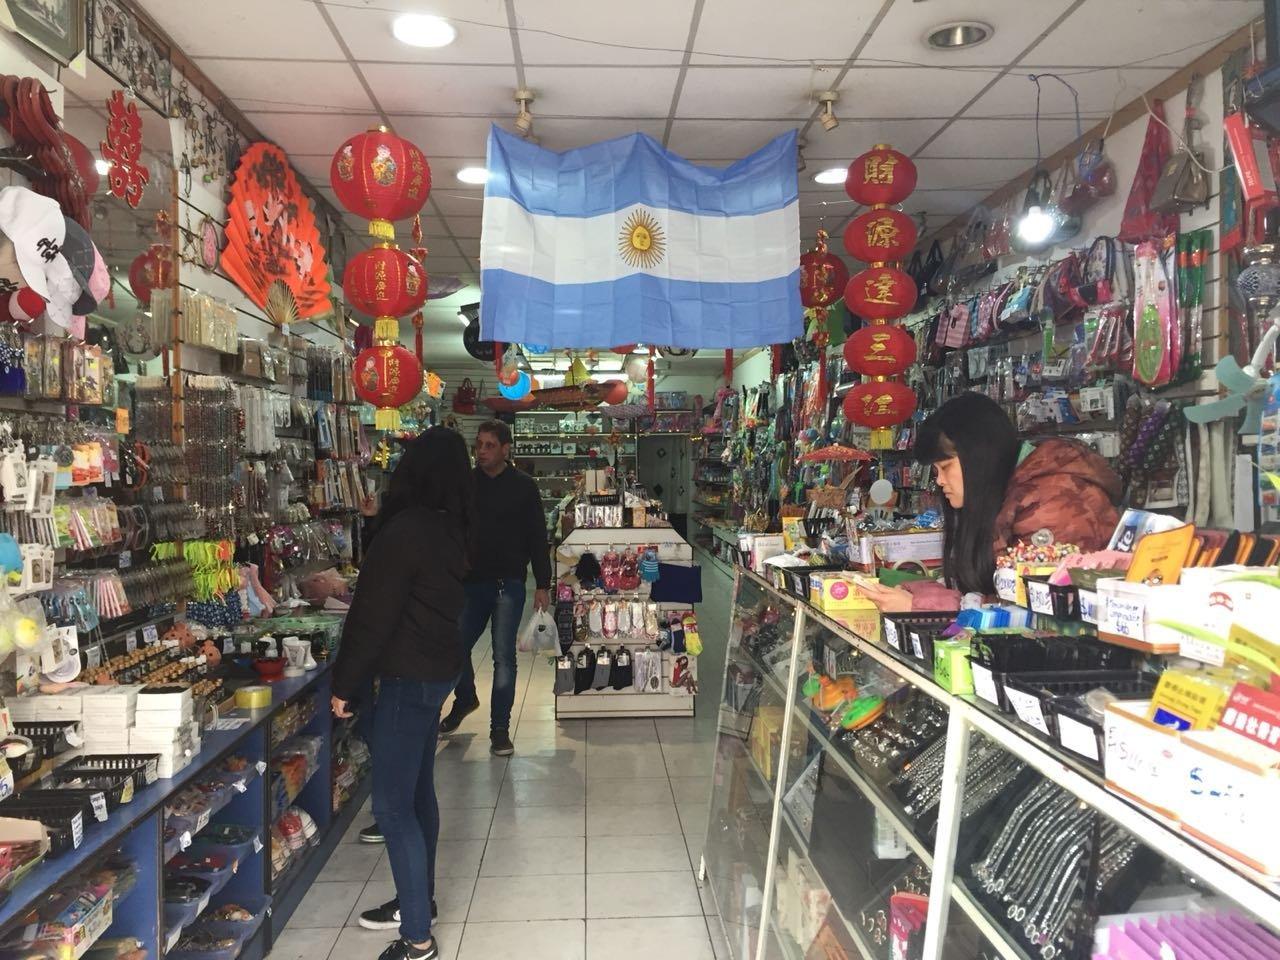 Tienda en el Barrio Chino de Buenos Aires, Argentina